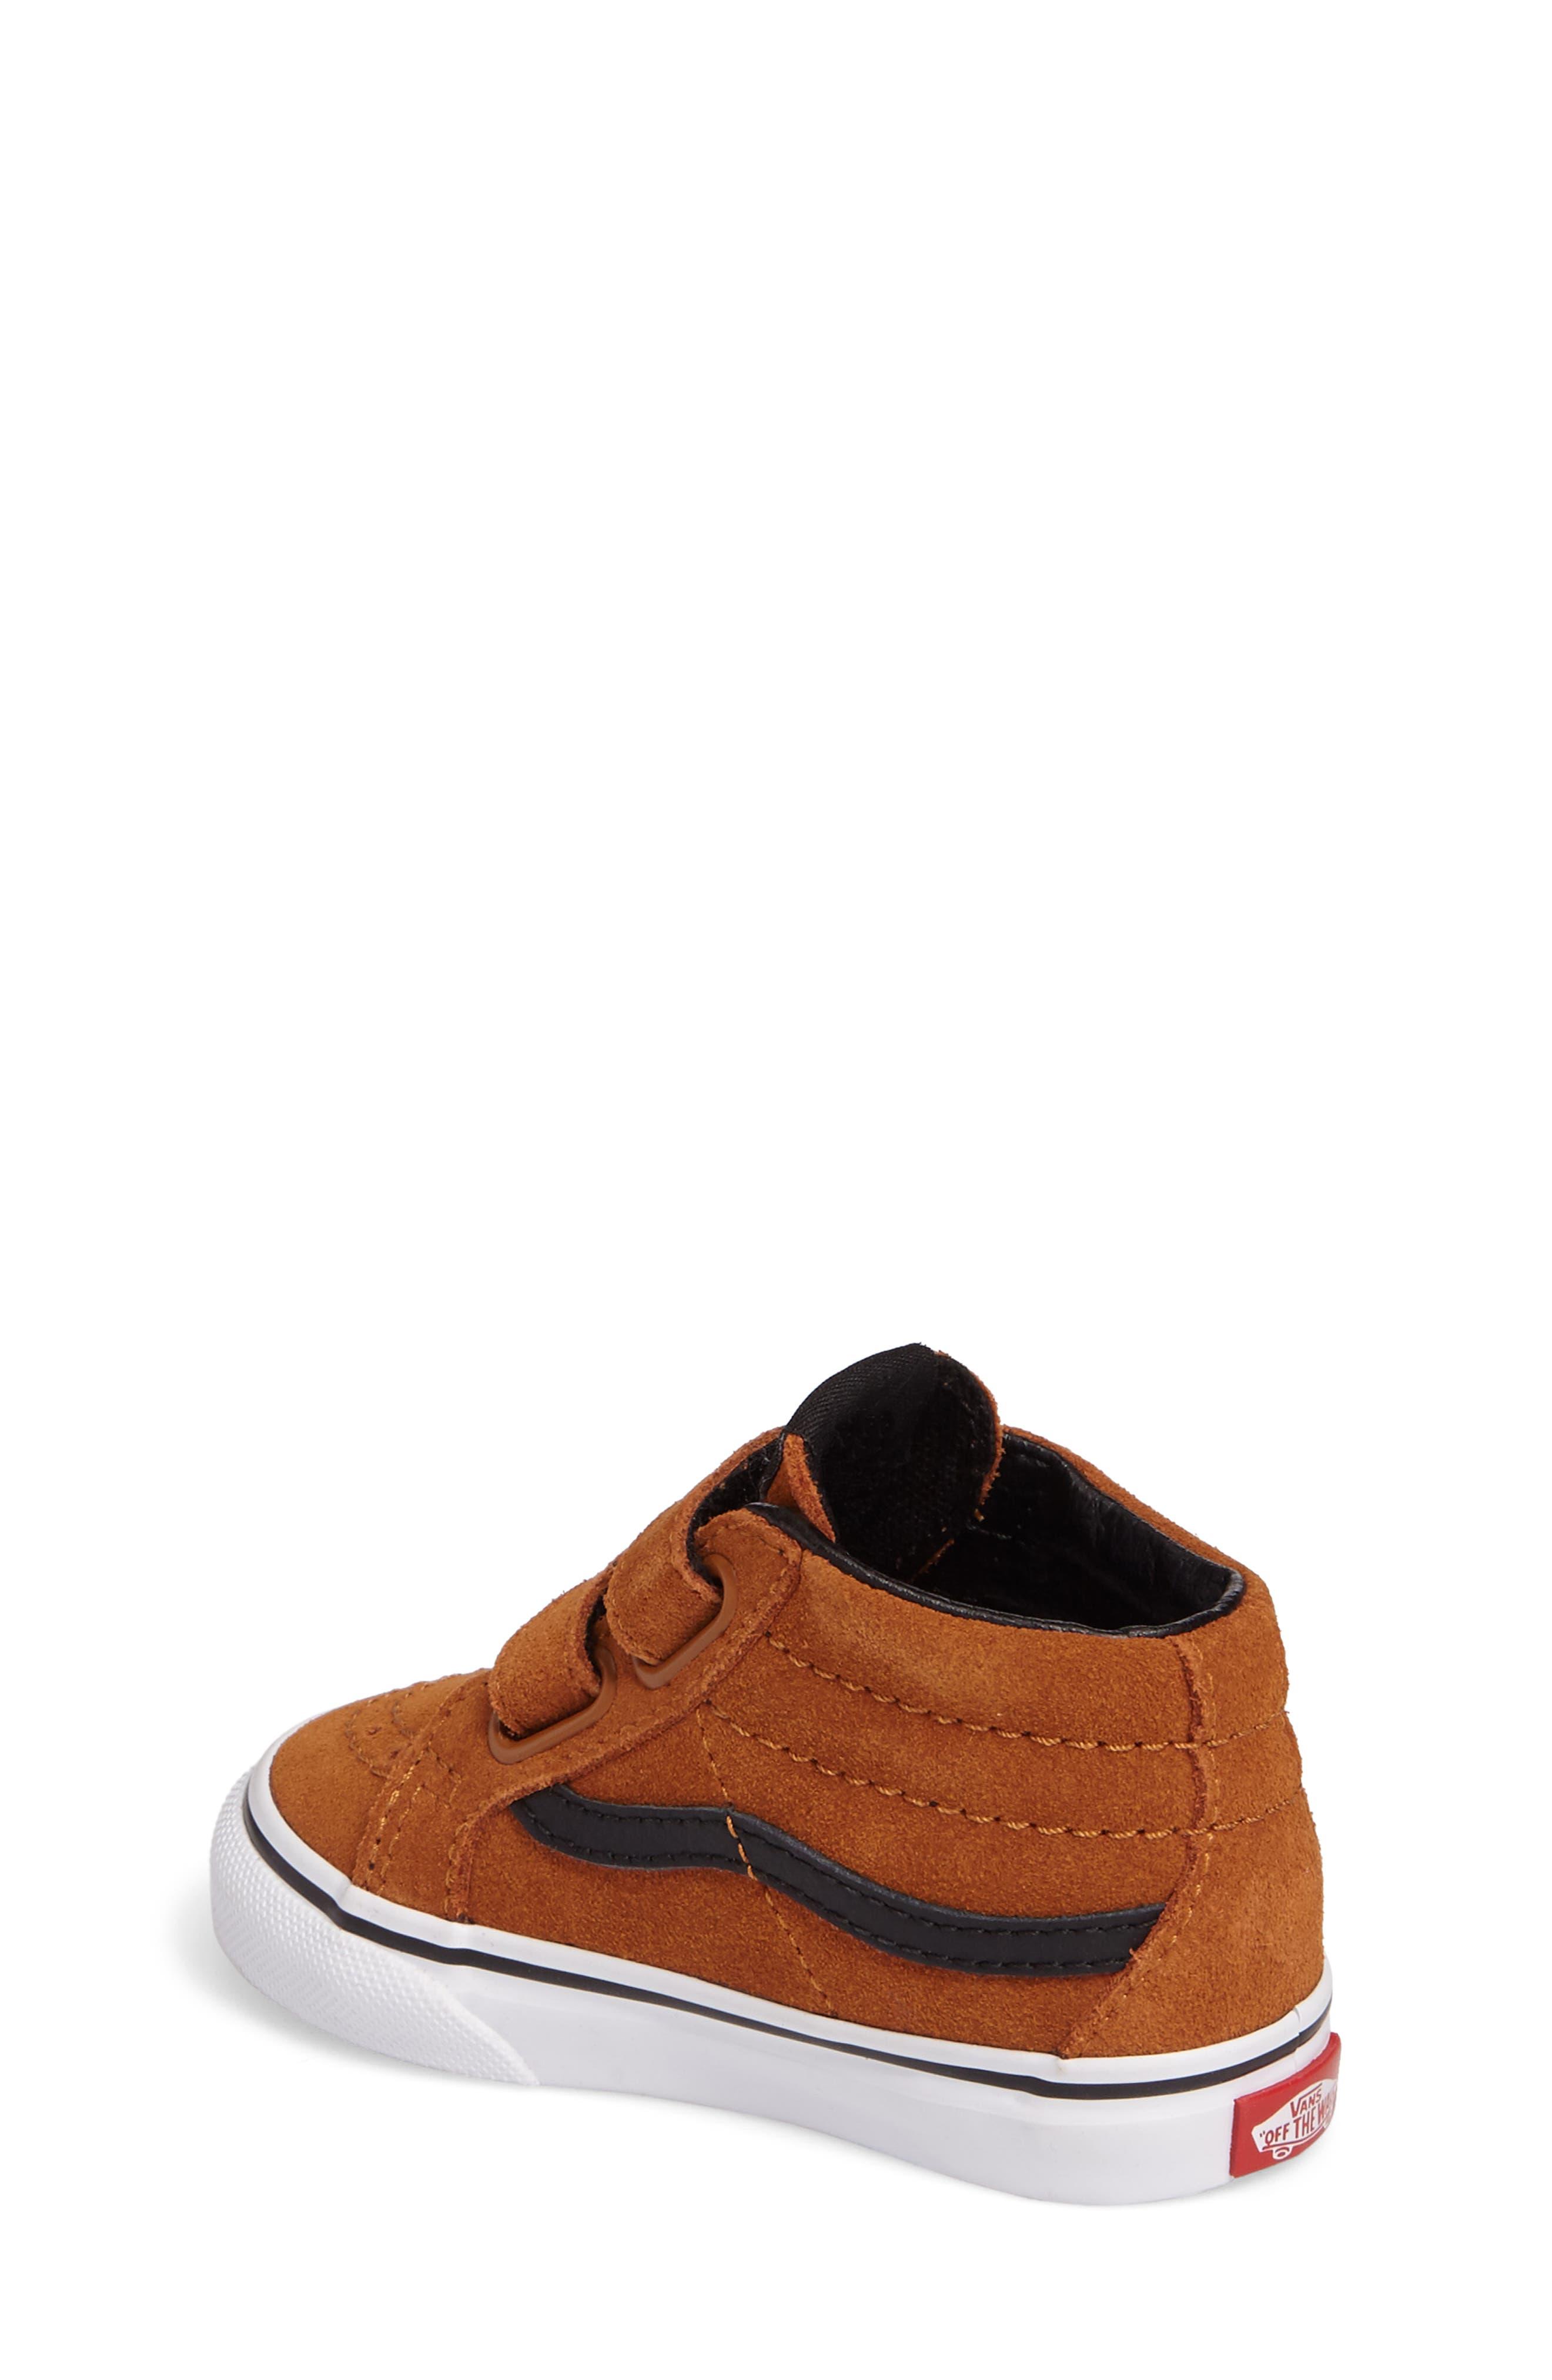 Alternate Image 2  - Vans SK8-Mid Reissue Sneaker (Baby, Walker, Toddler, Little Kid & Big Kid)